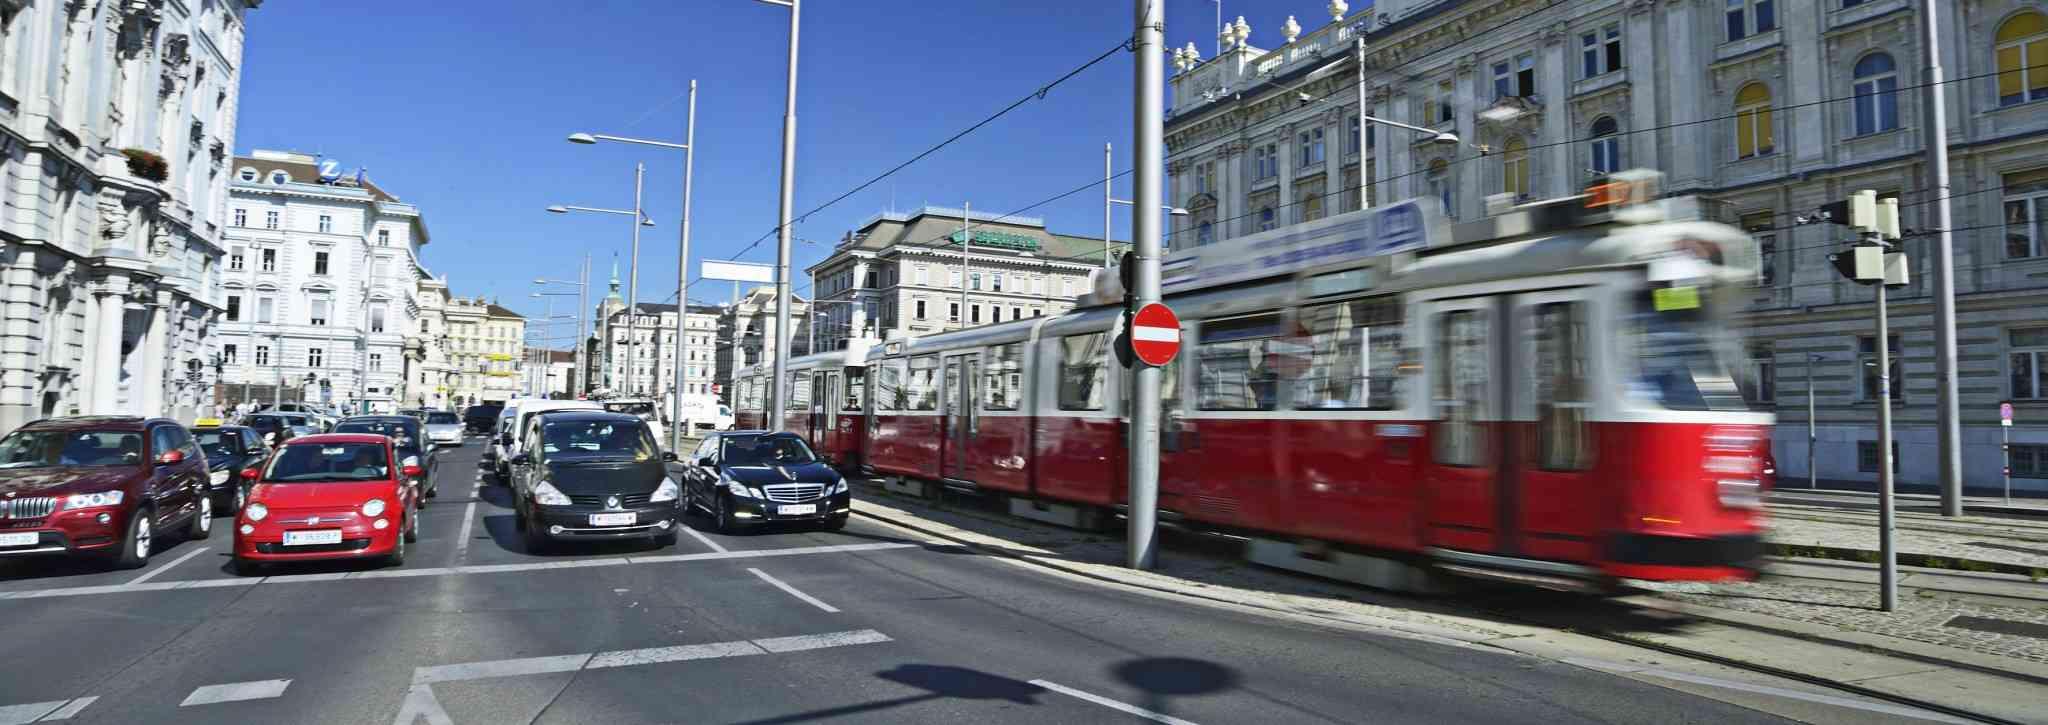 Öffis sind sehr flächeneffizient und nutzen den Platz in der Stadt besser als Autos.